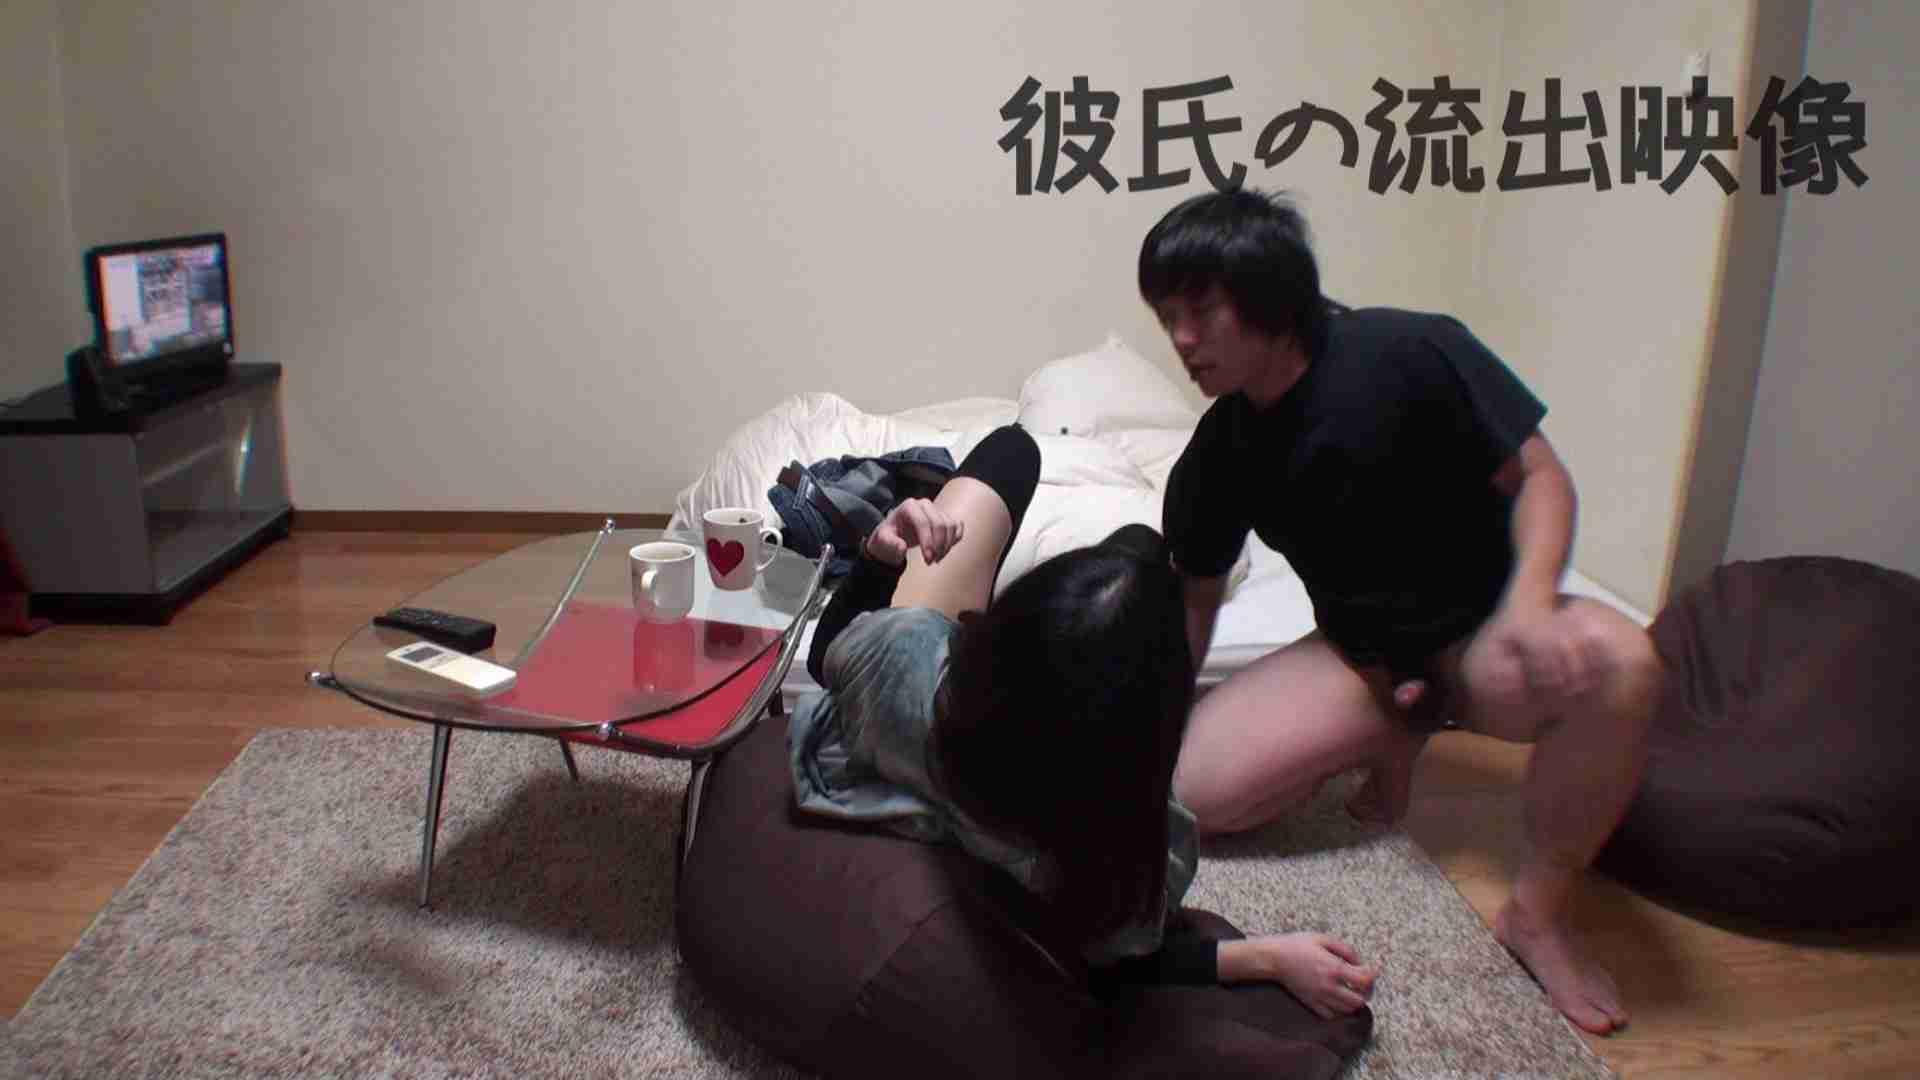 彼氏が流出 パイパン素人嬢のハメ撮り映像02 パイパン娘 | 素人ギャル女  90連発 67